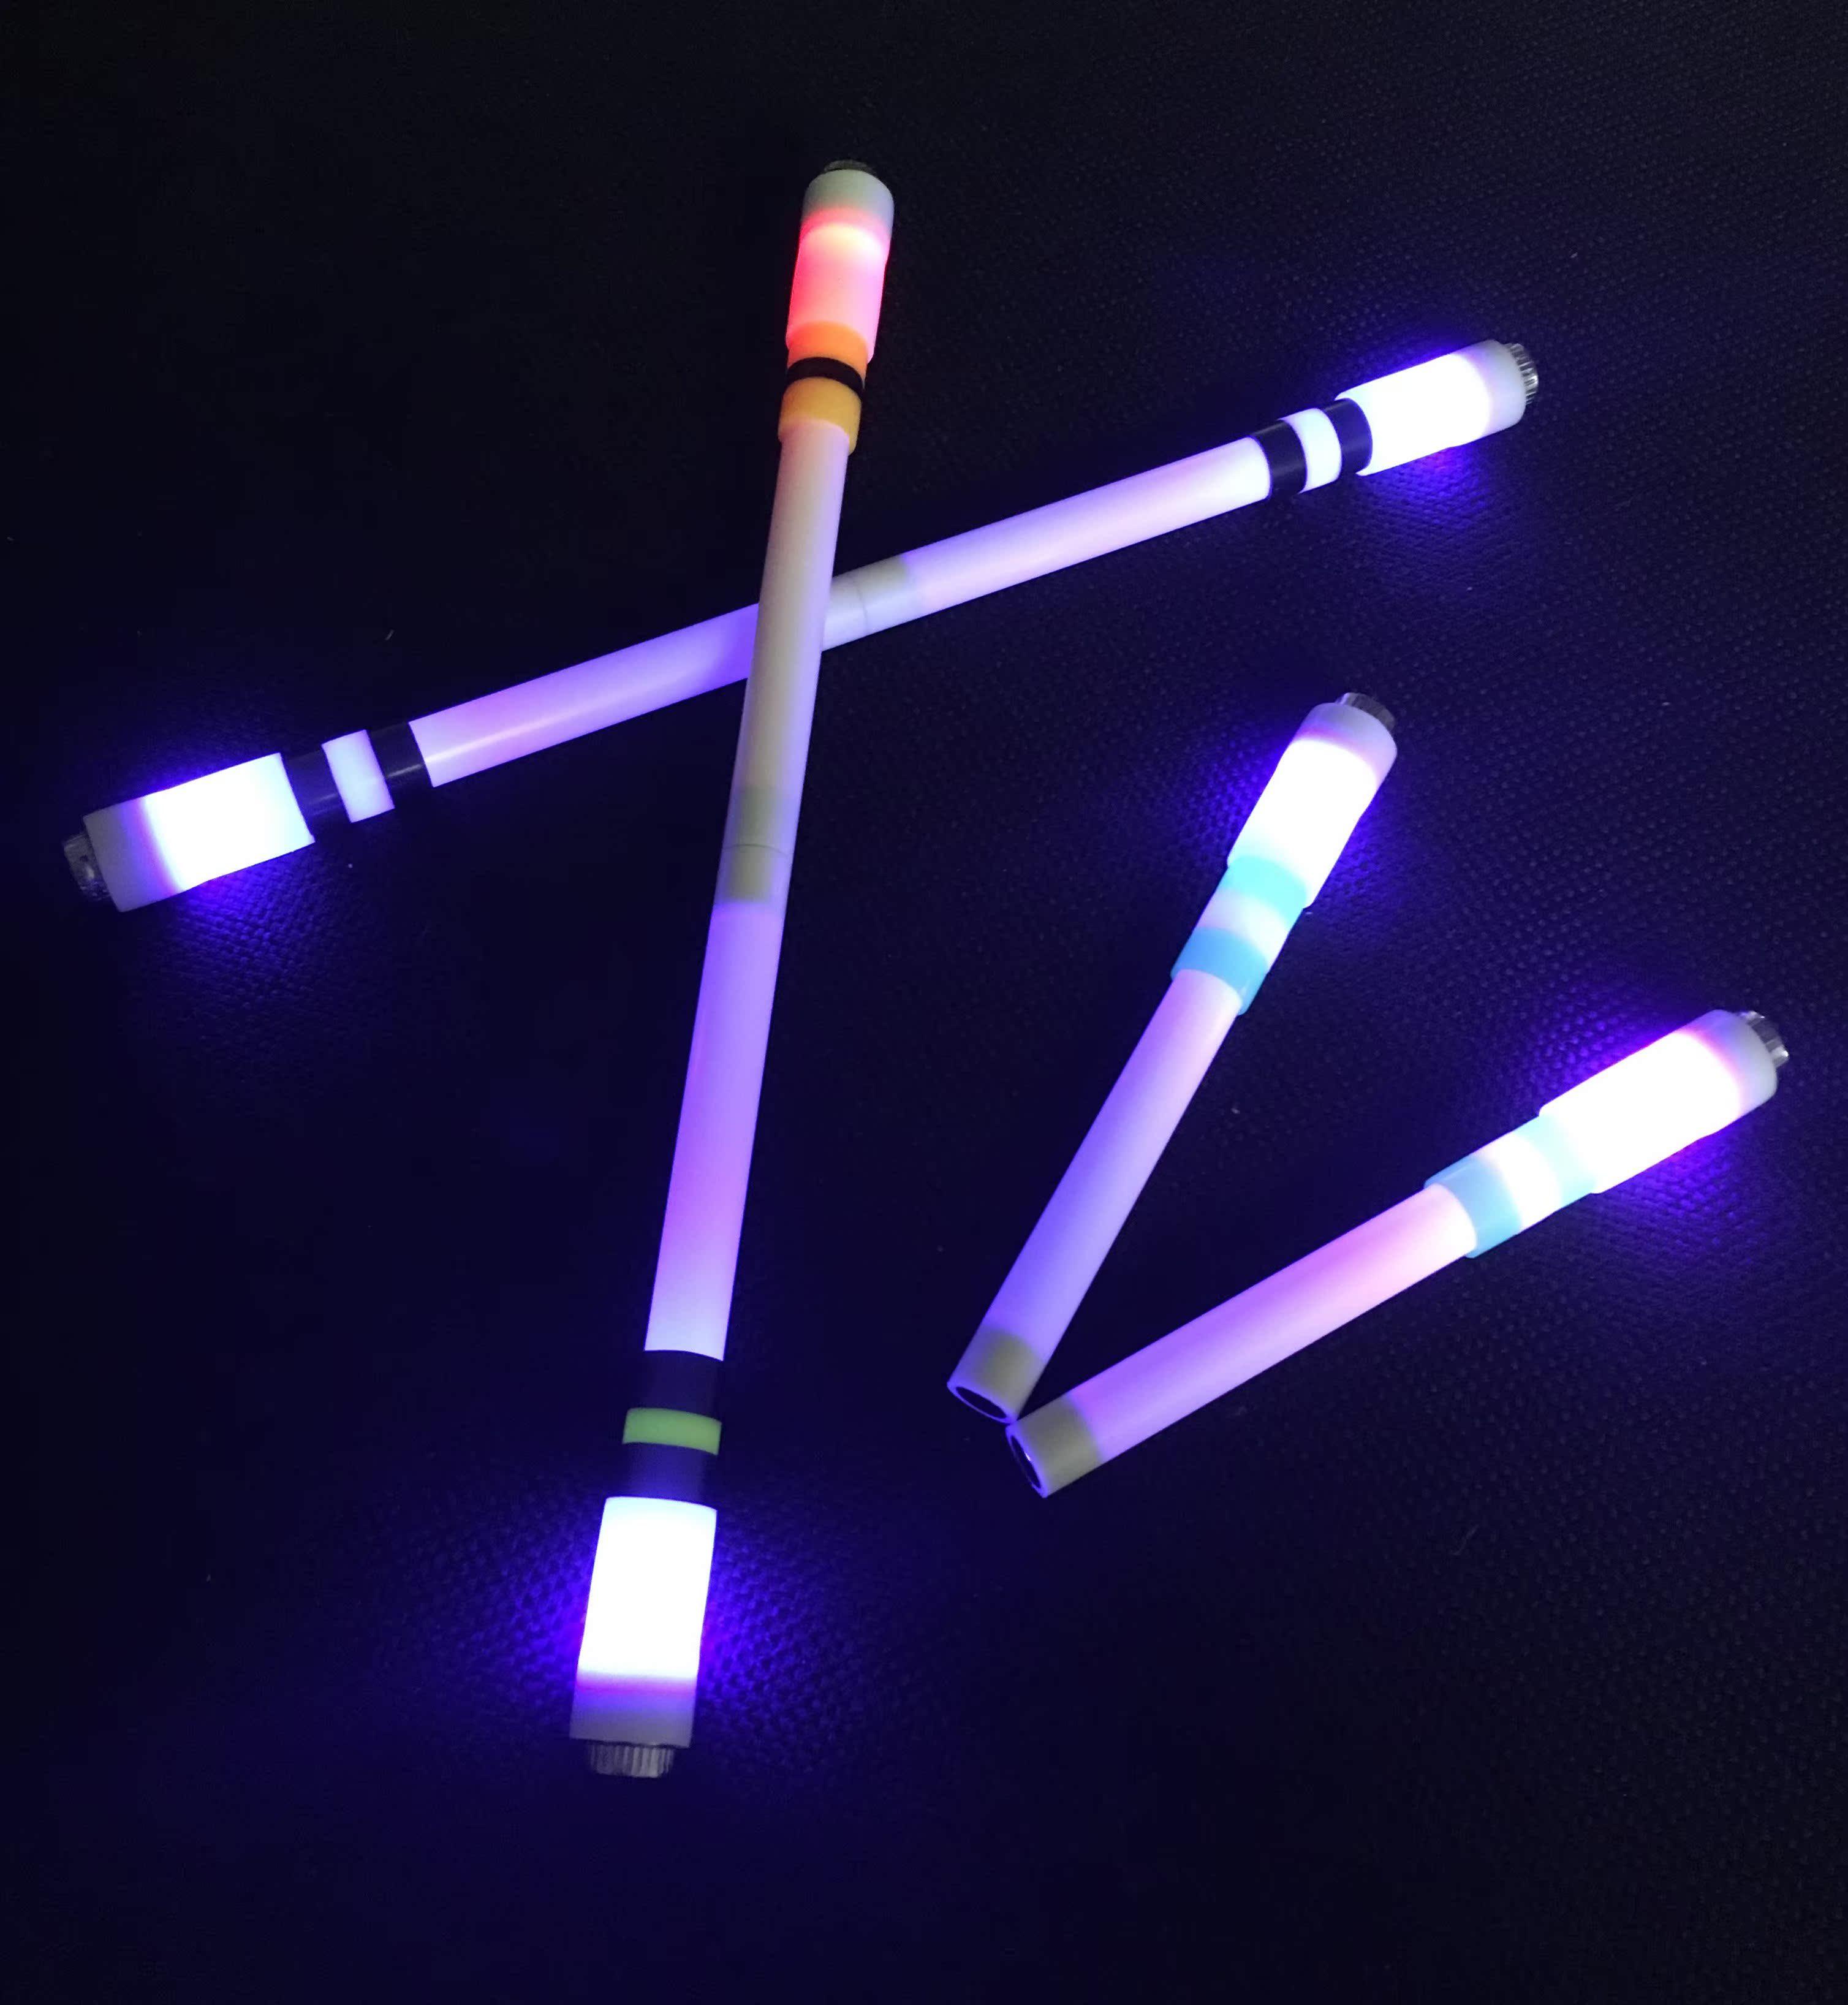 万和转笔双星灯笔升级版快手同款专用转转笔泡泡